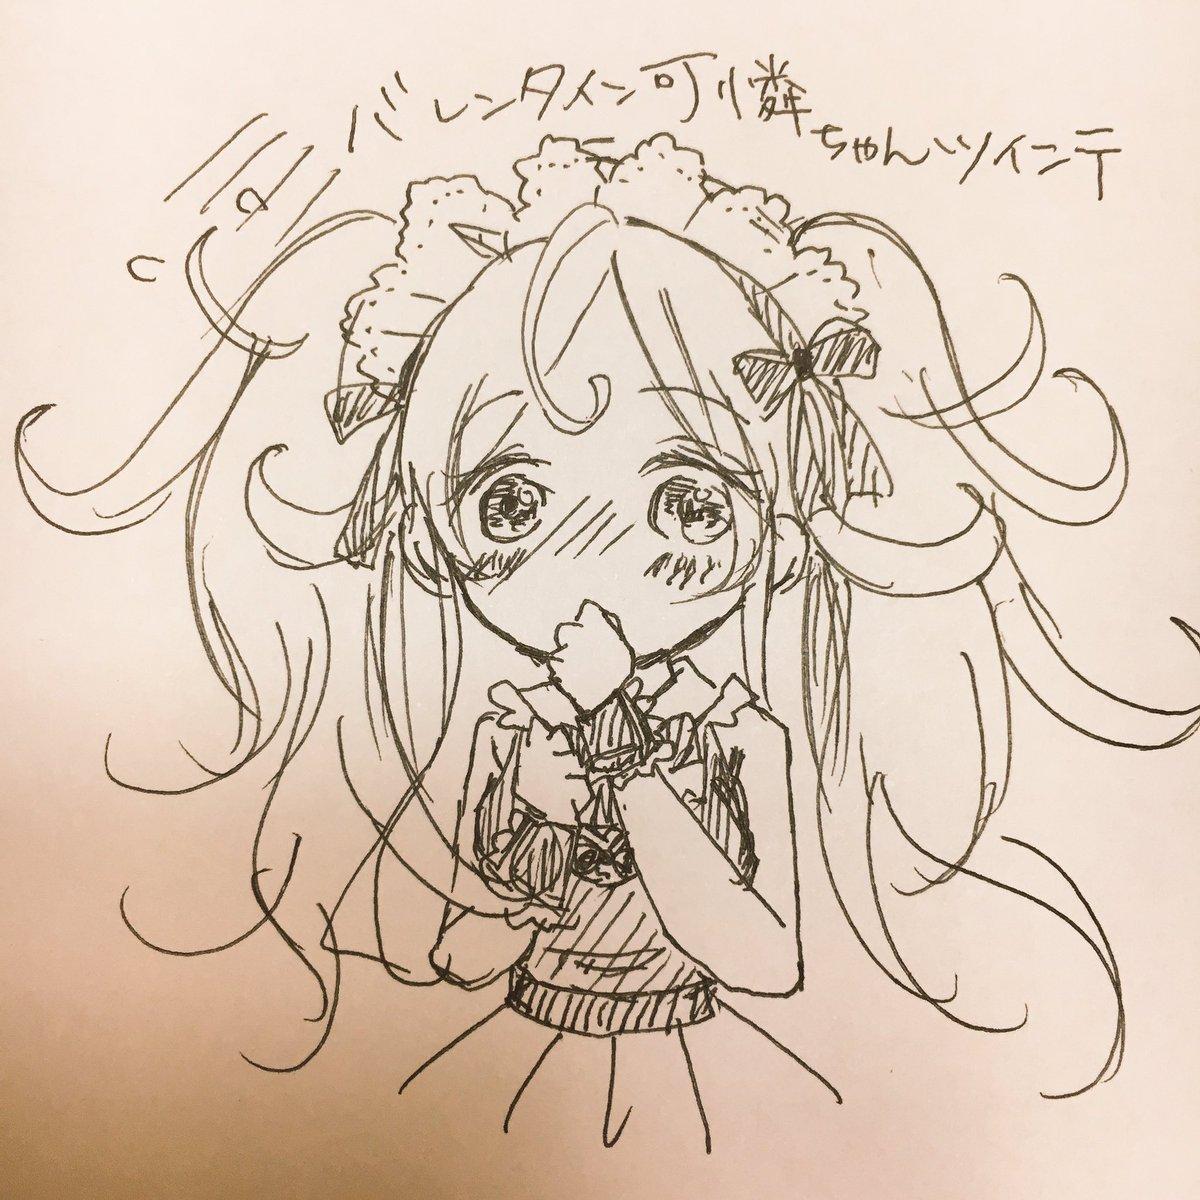 ツインテ可憐ちゃん!(*°ω°*)